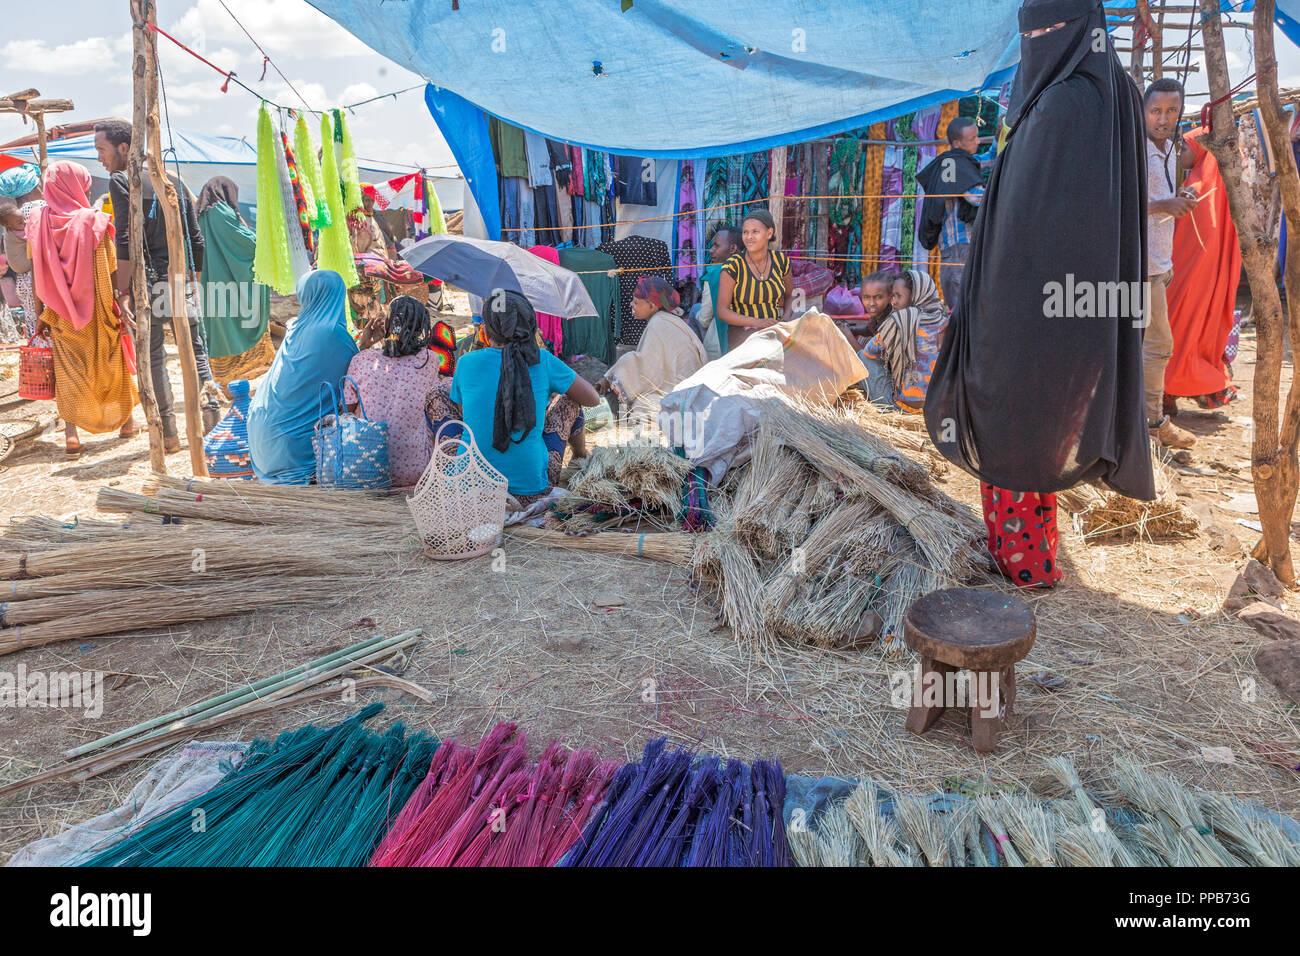 Dolo Mena market, Oromia Region, Ethiopia. Preparation to make dishes. - Stock Image